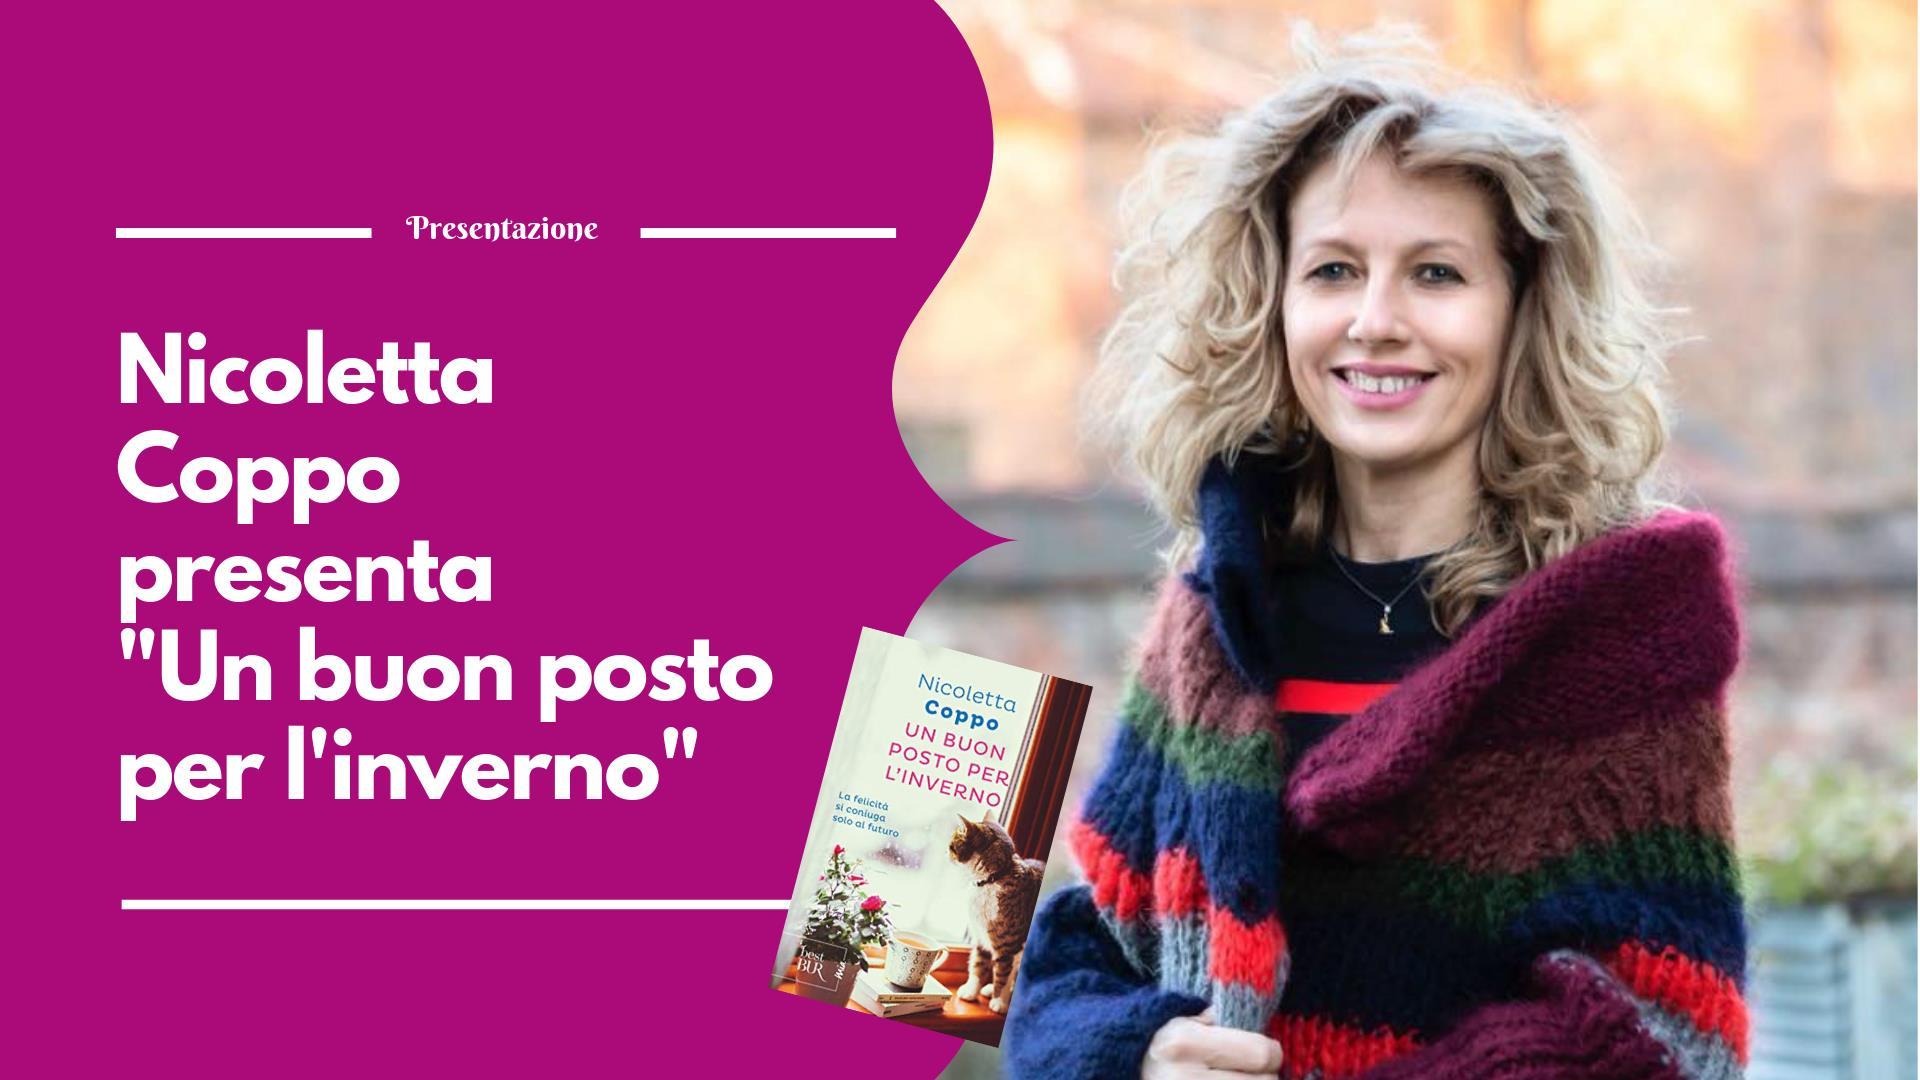 Nicoletta Coppo Brivio